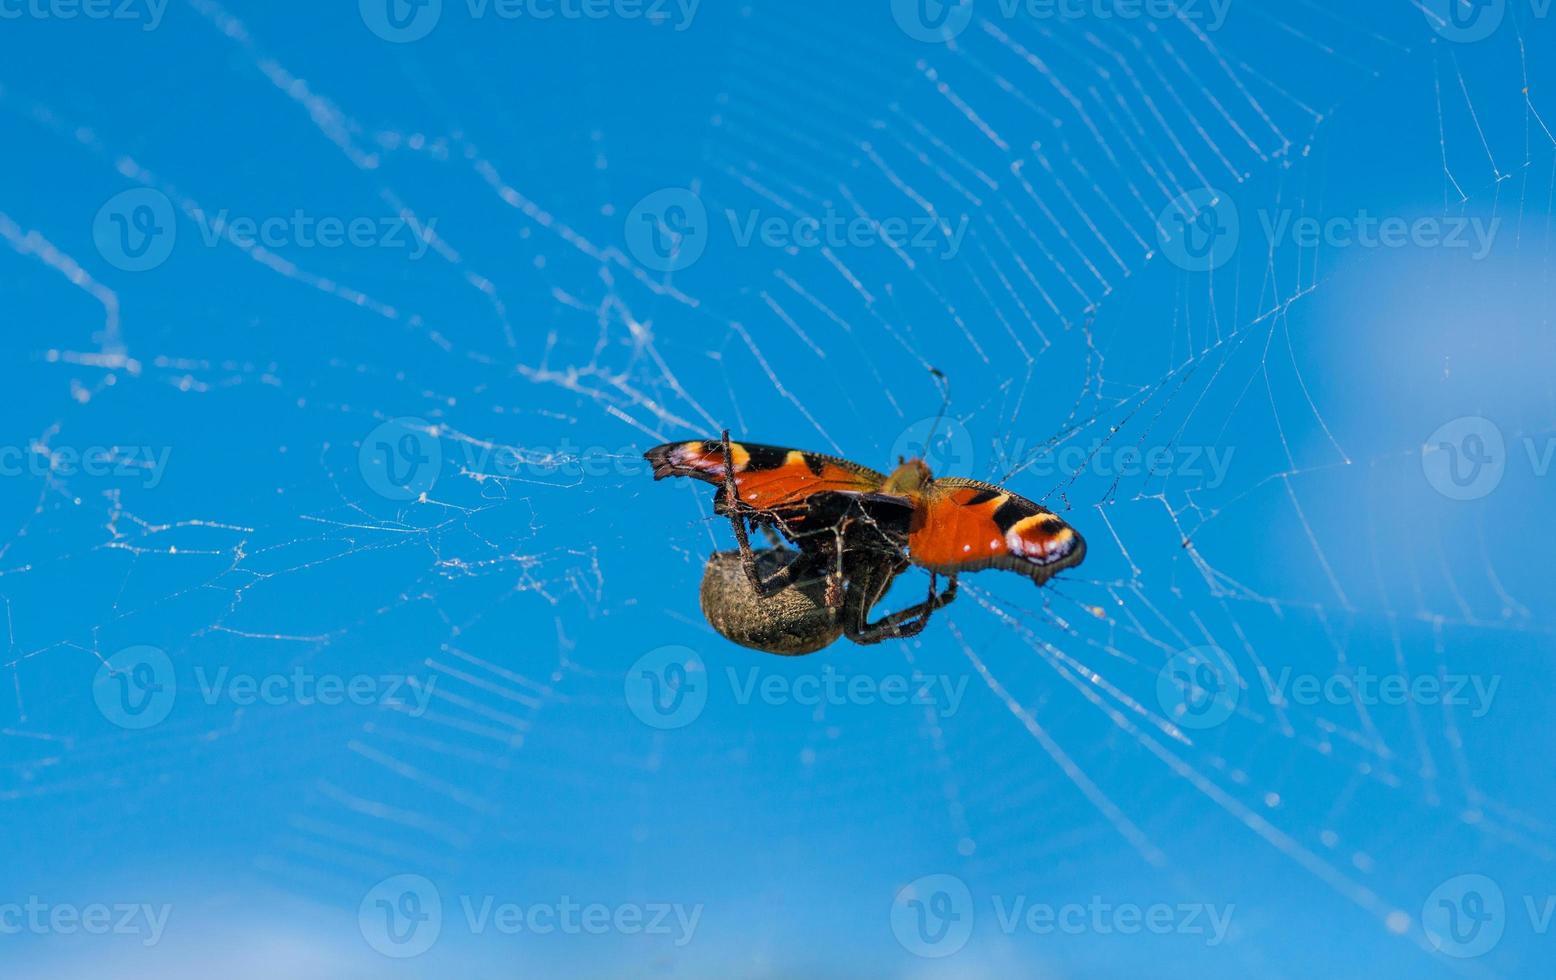 aranha comendo sua presa. foto